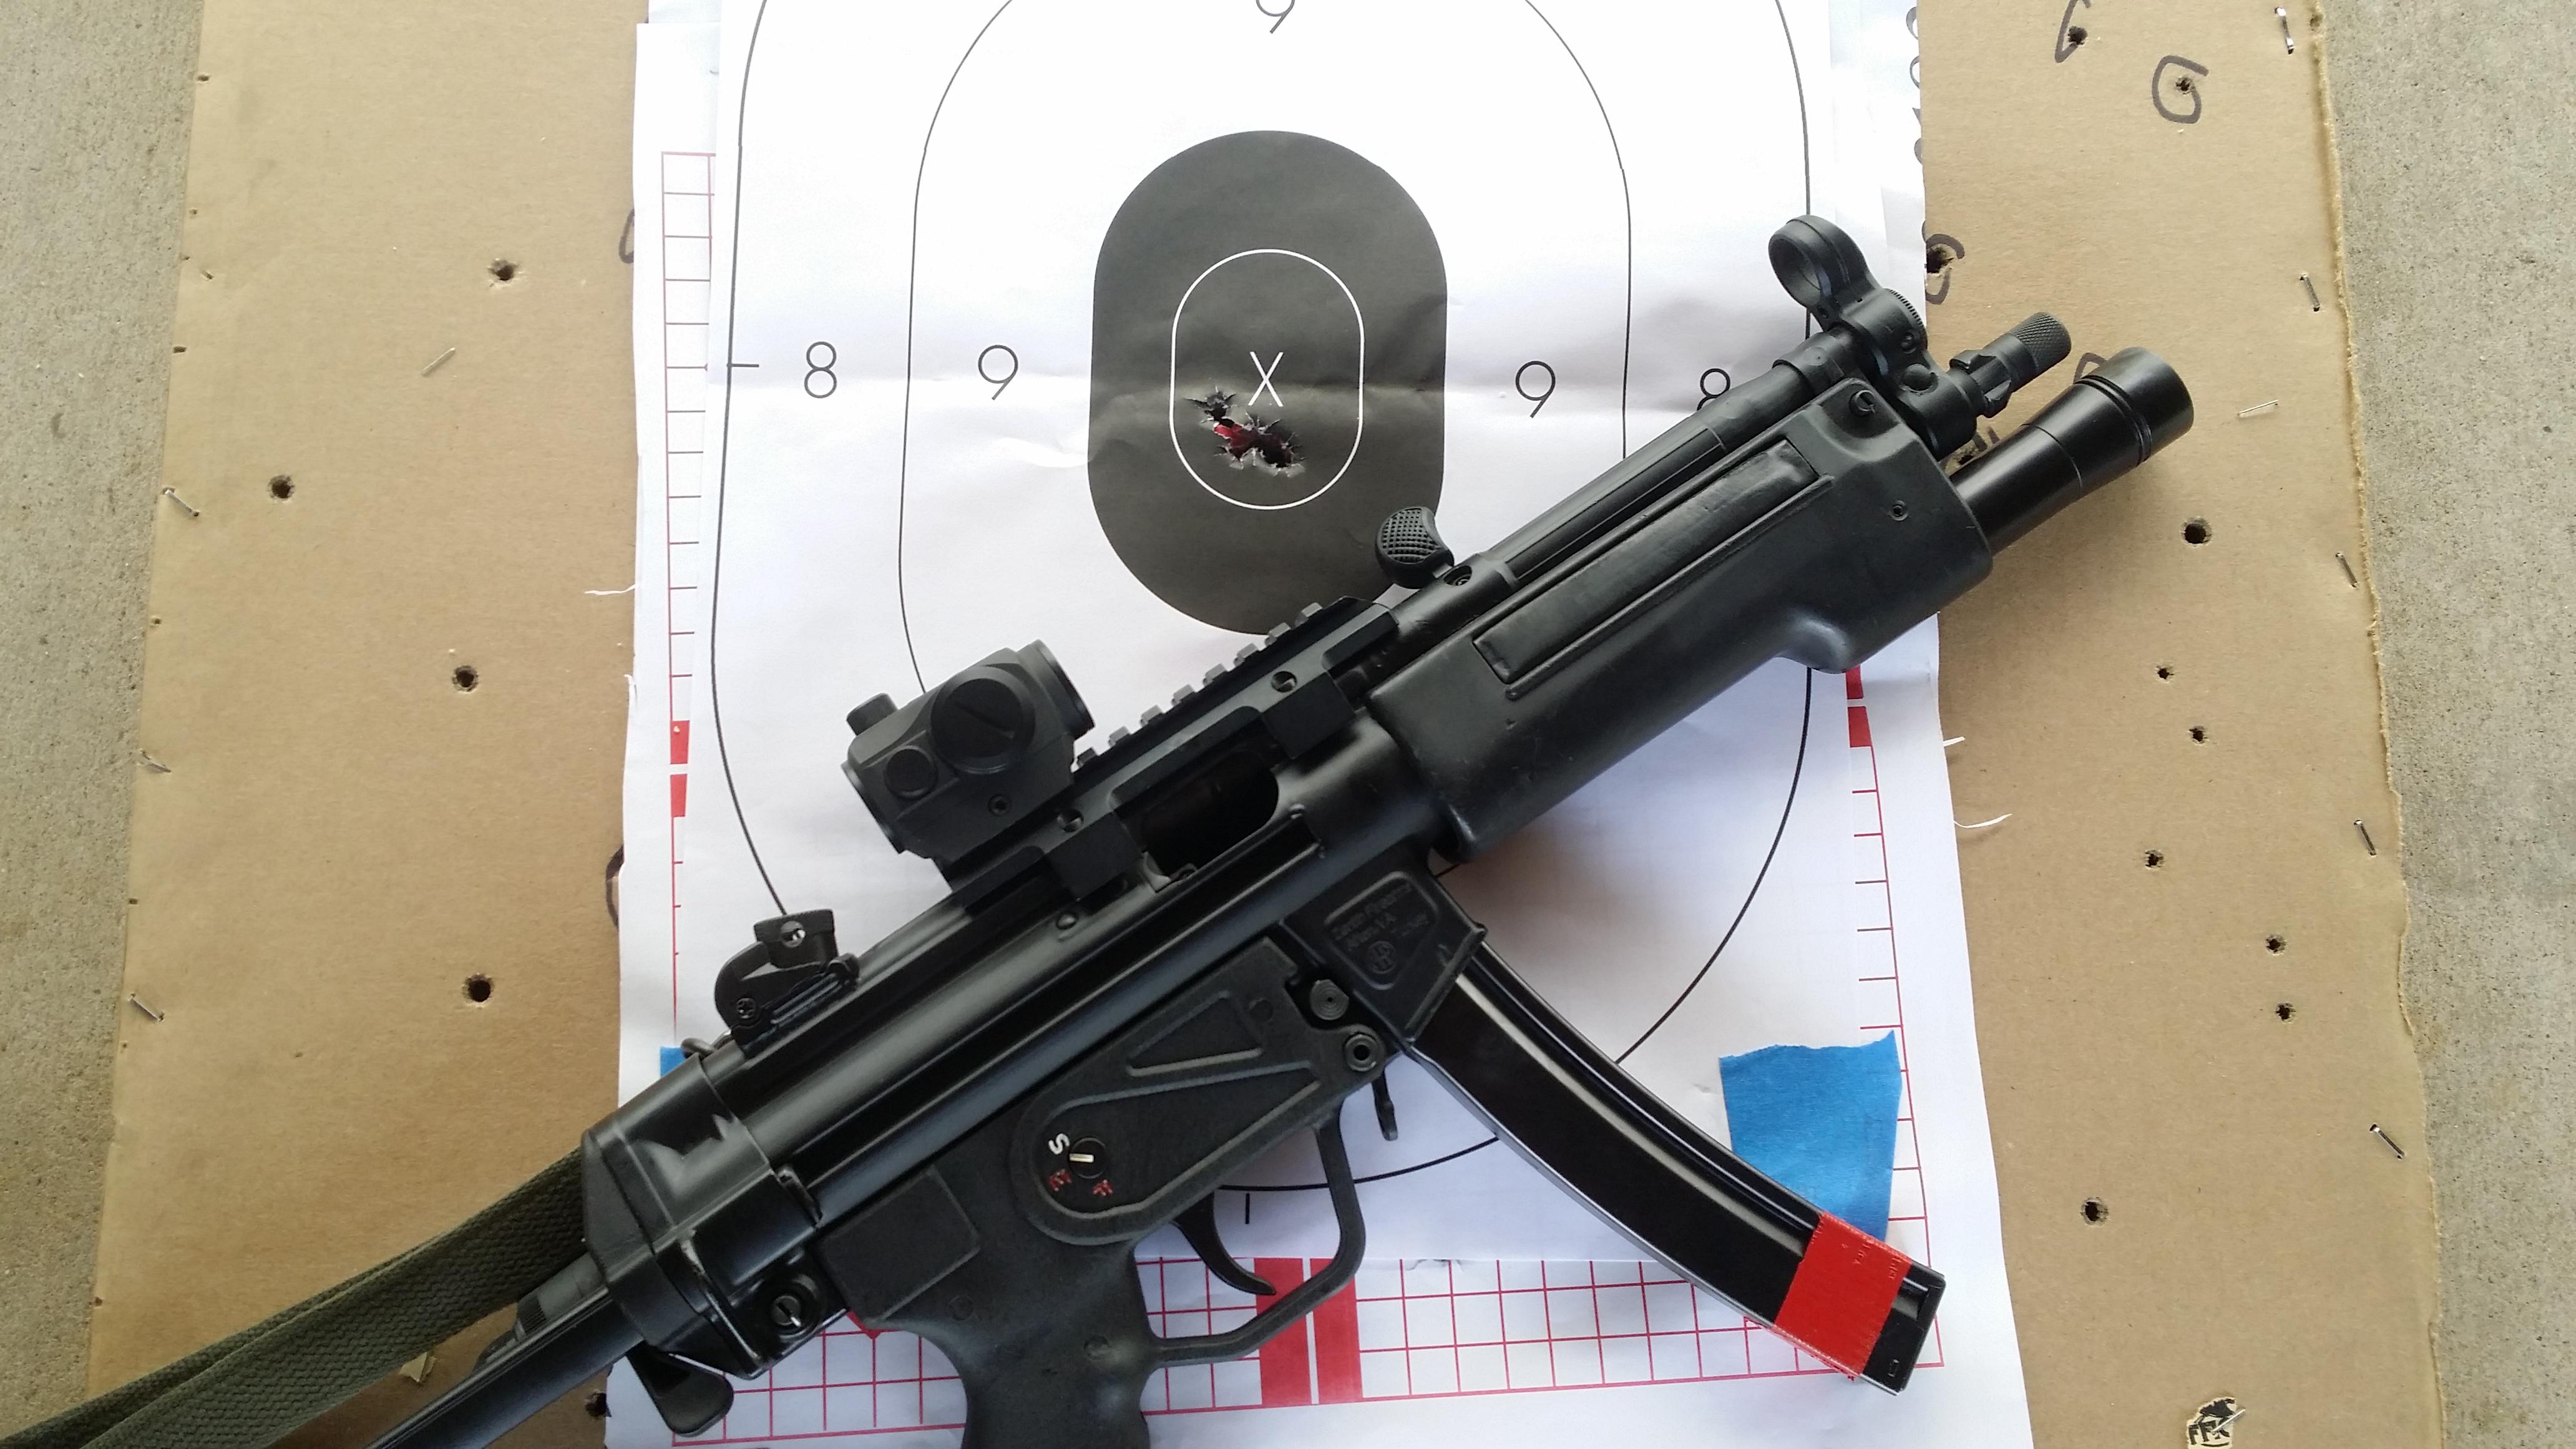 Mke zenith z-5rs 9mm pistol opinions...-mke-z5rs-target.jpg